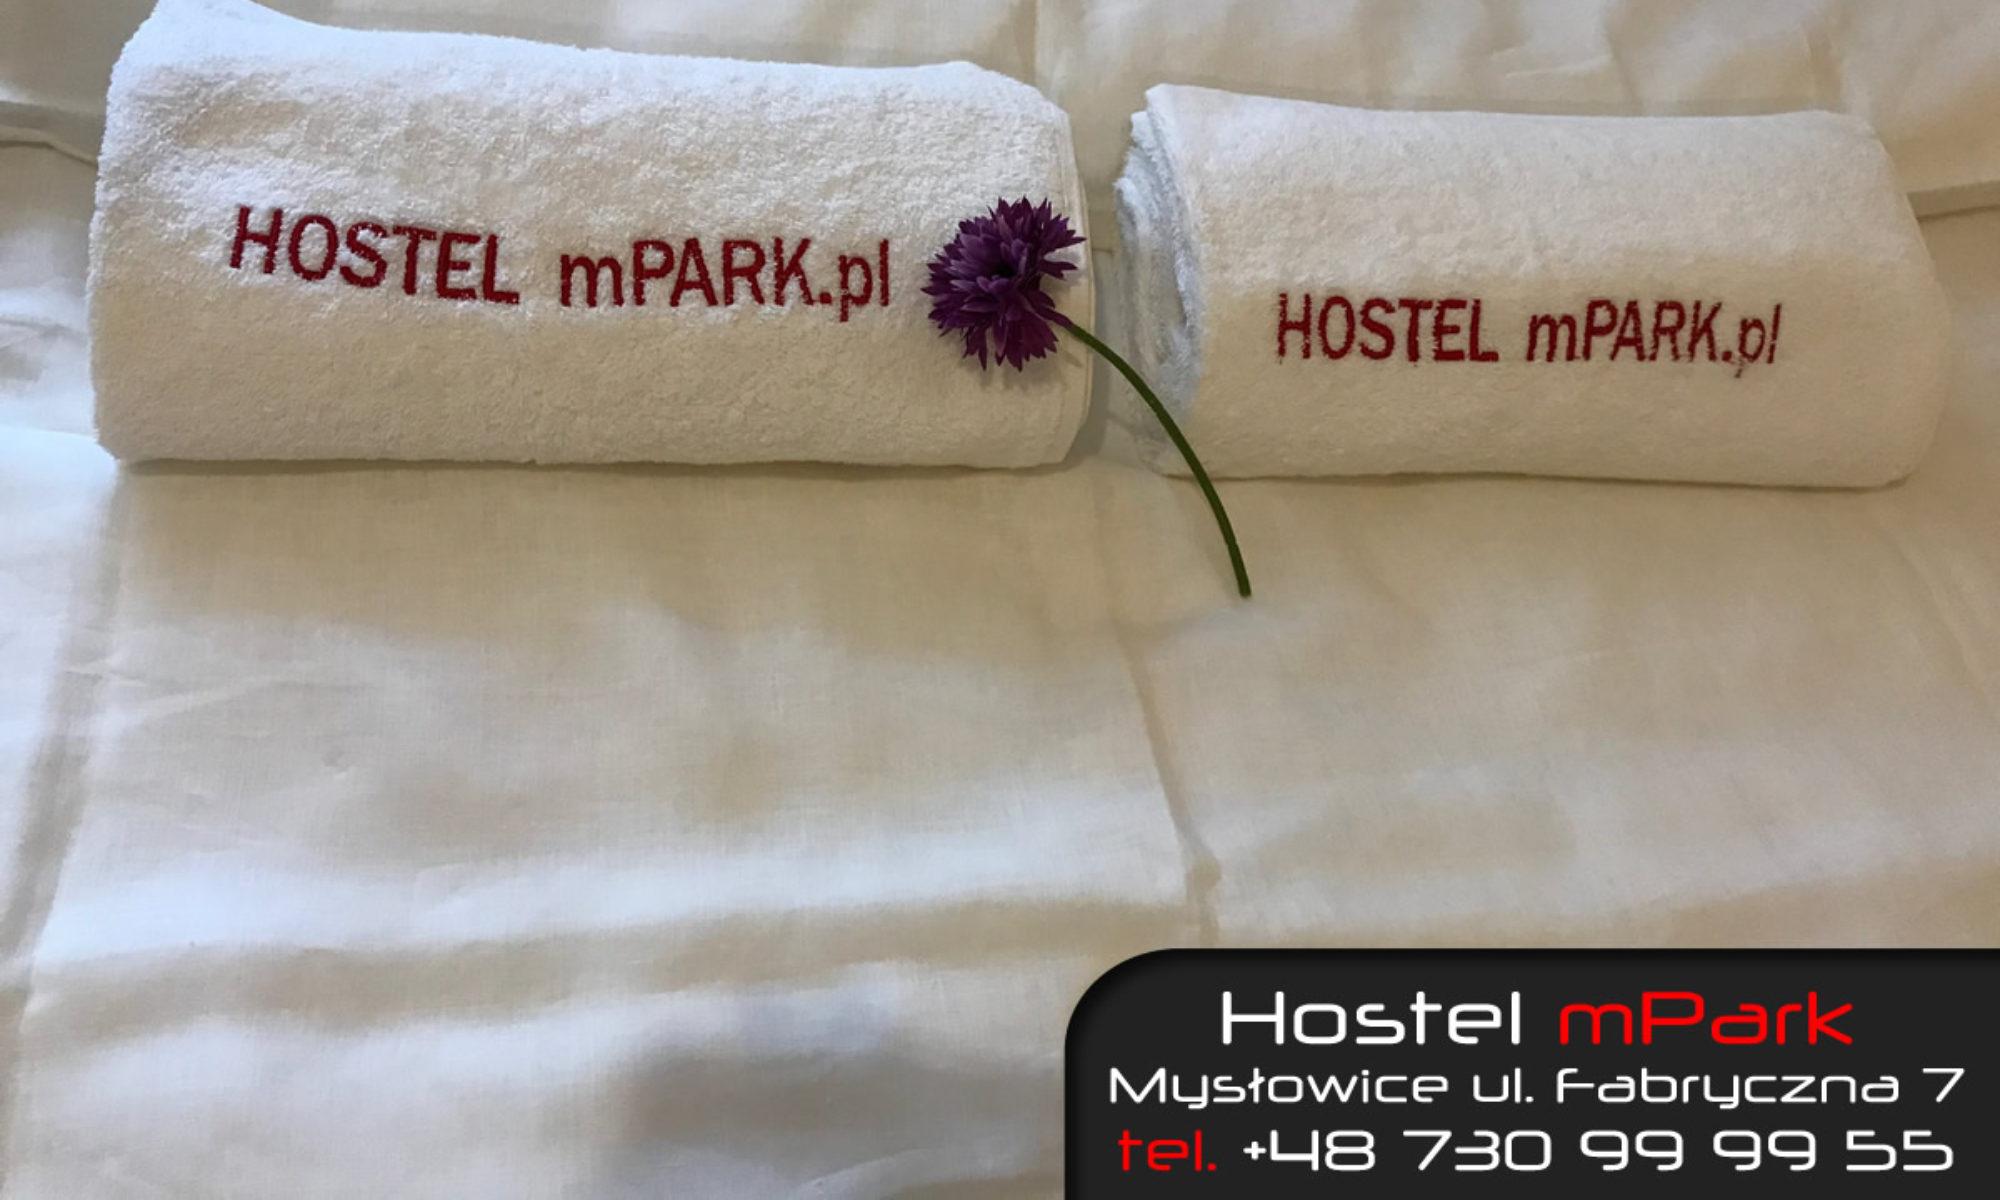 Noclegi Hostel Mysłowice